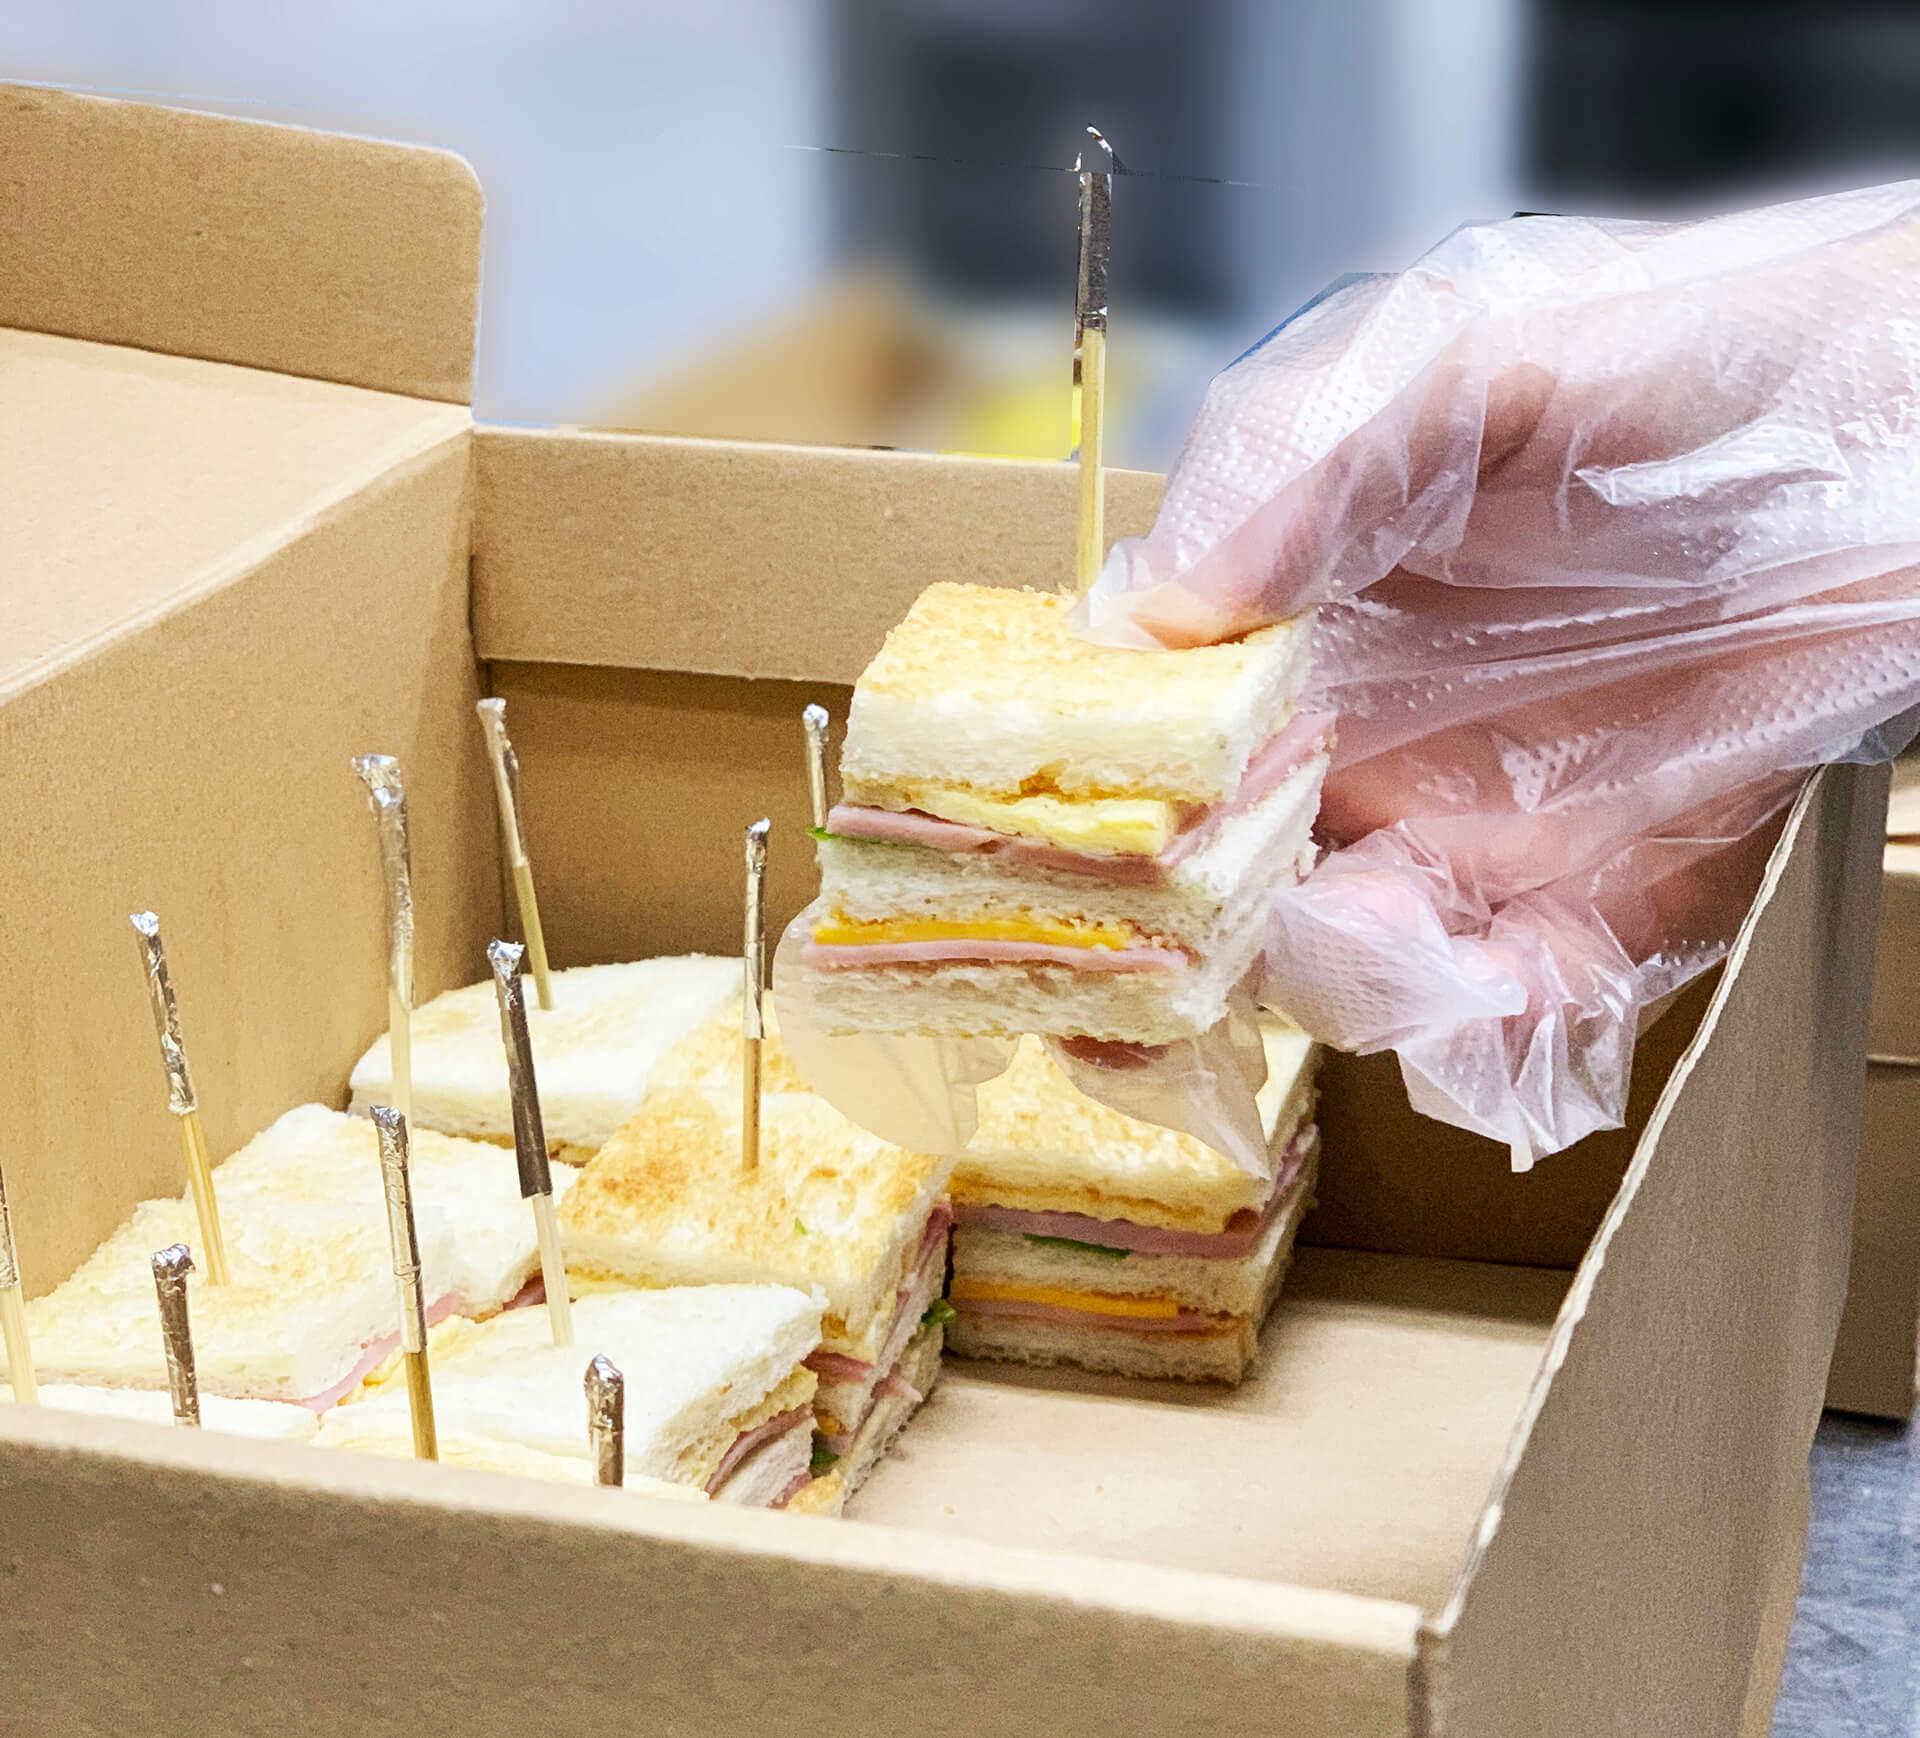 bánh mì sandwich giao tận nơi